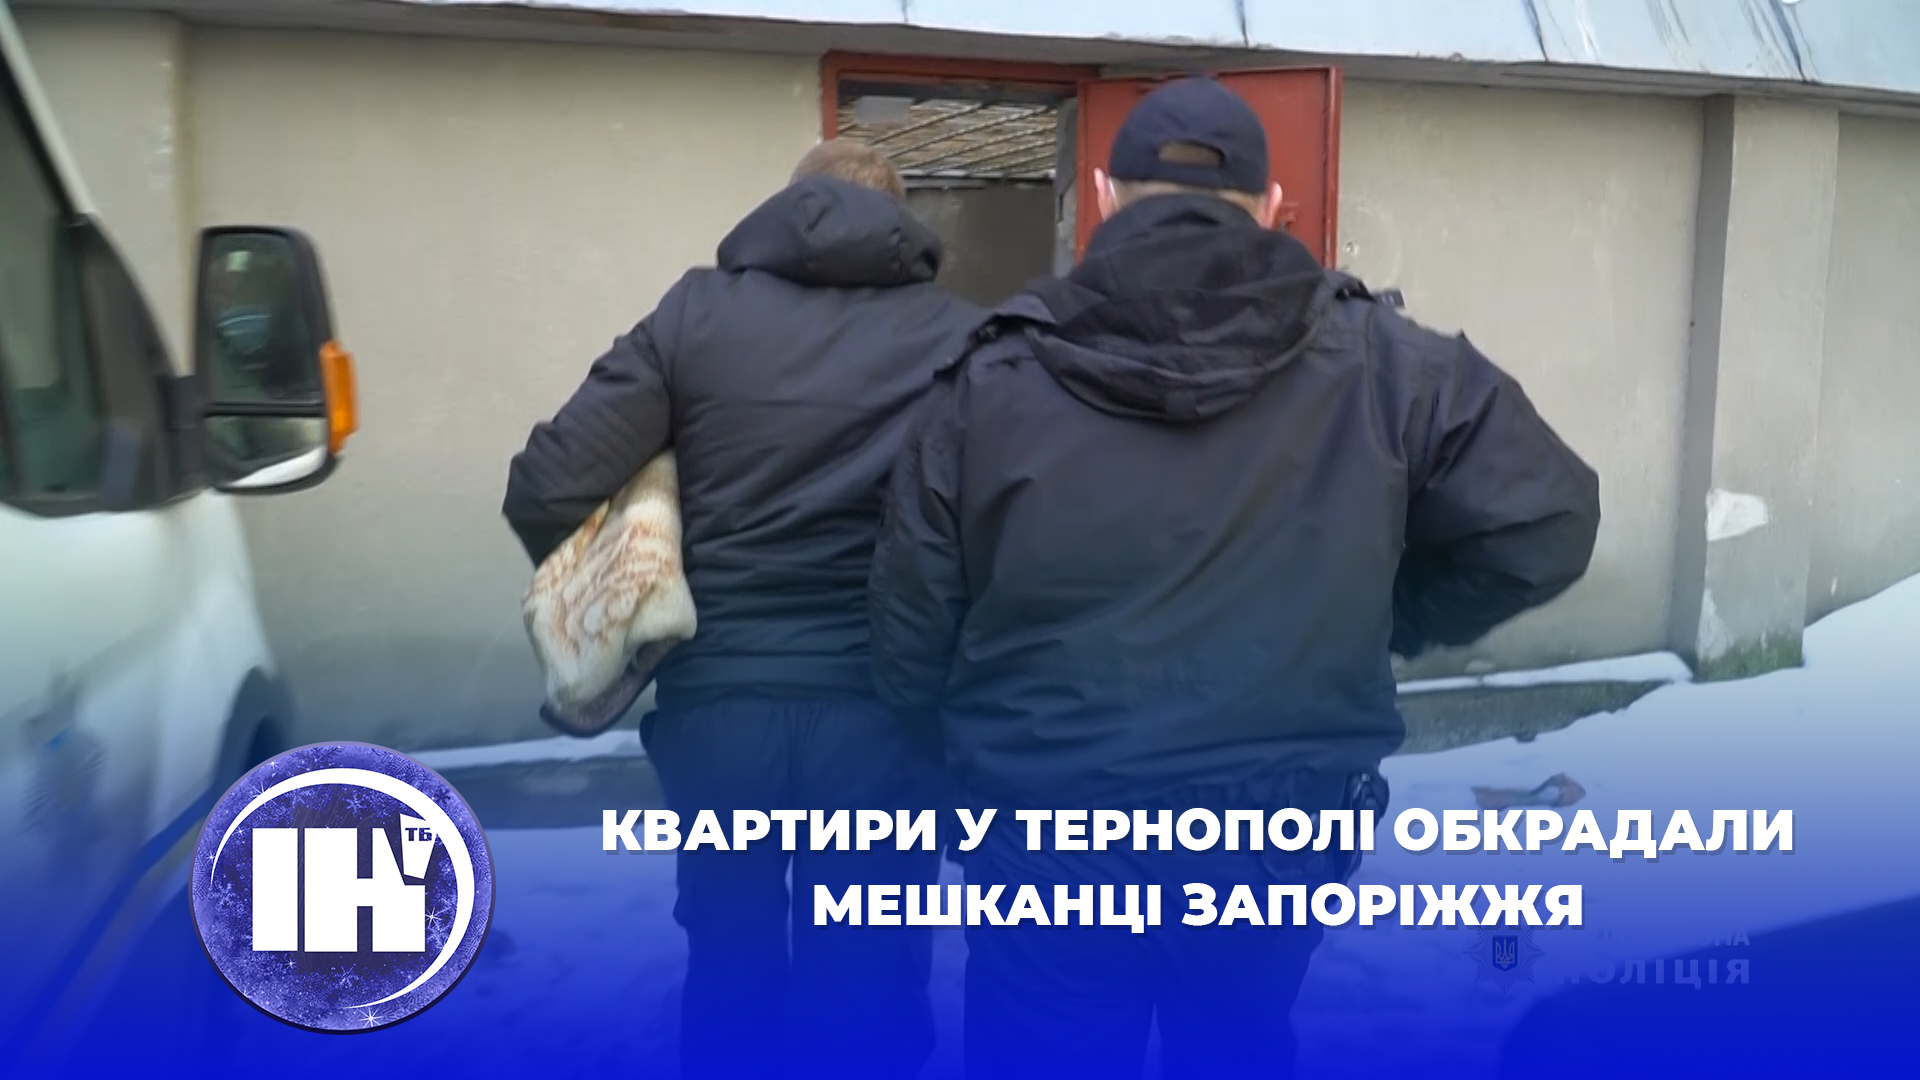 Троє запорізьких домушників обкрадали квартири Тернополя